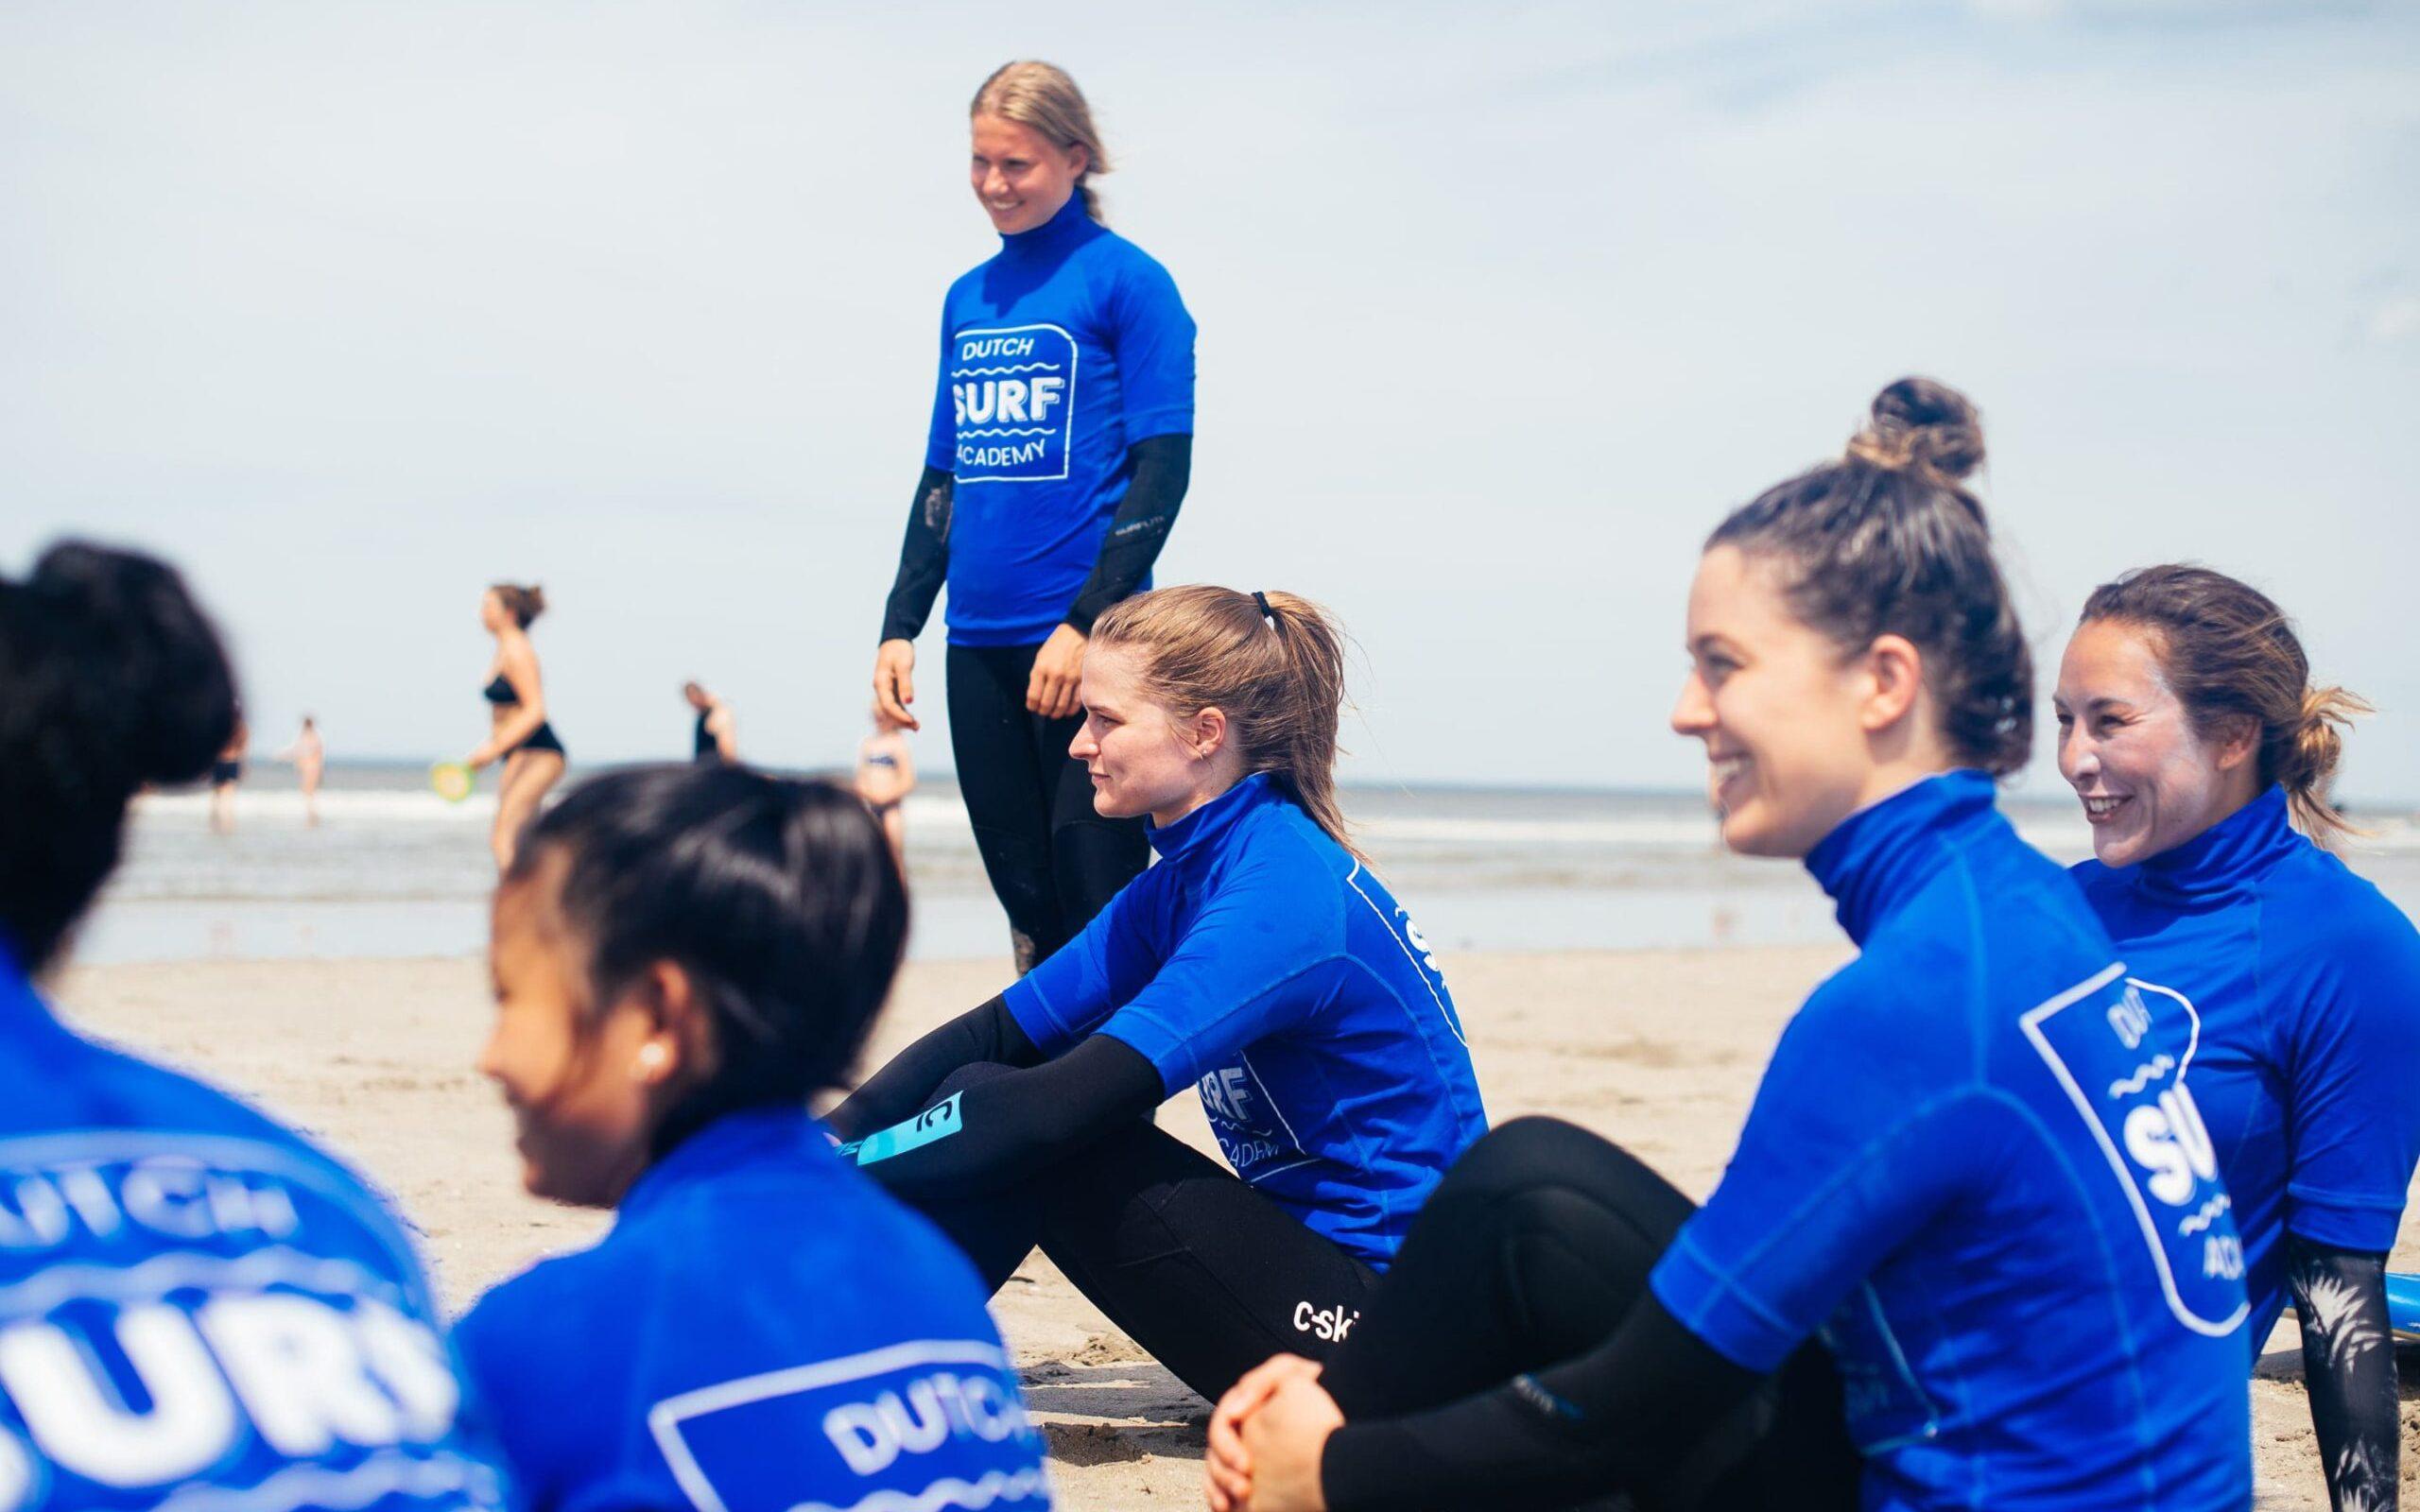 Sportief vrijgezellenfeest surfen op het strand